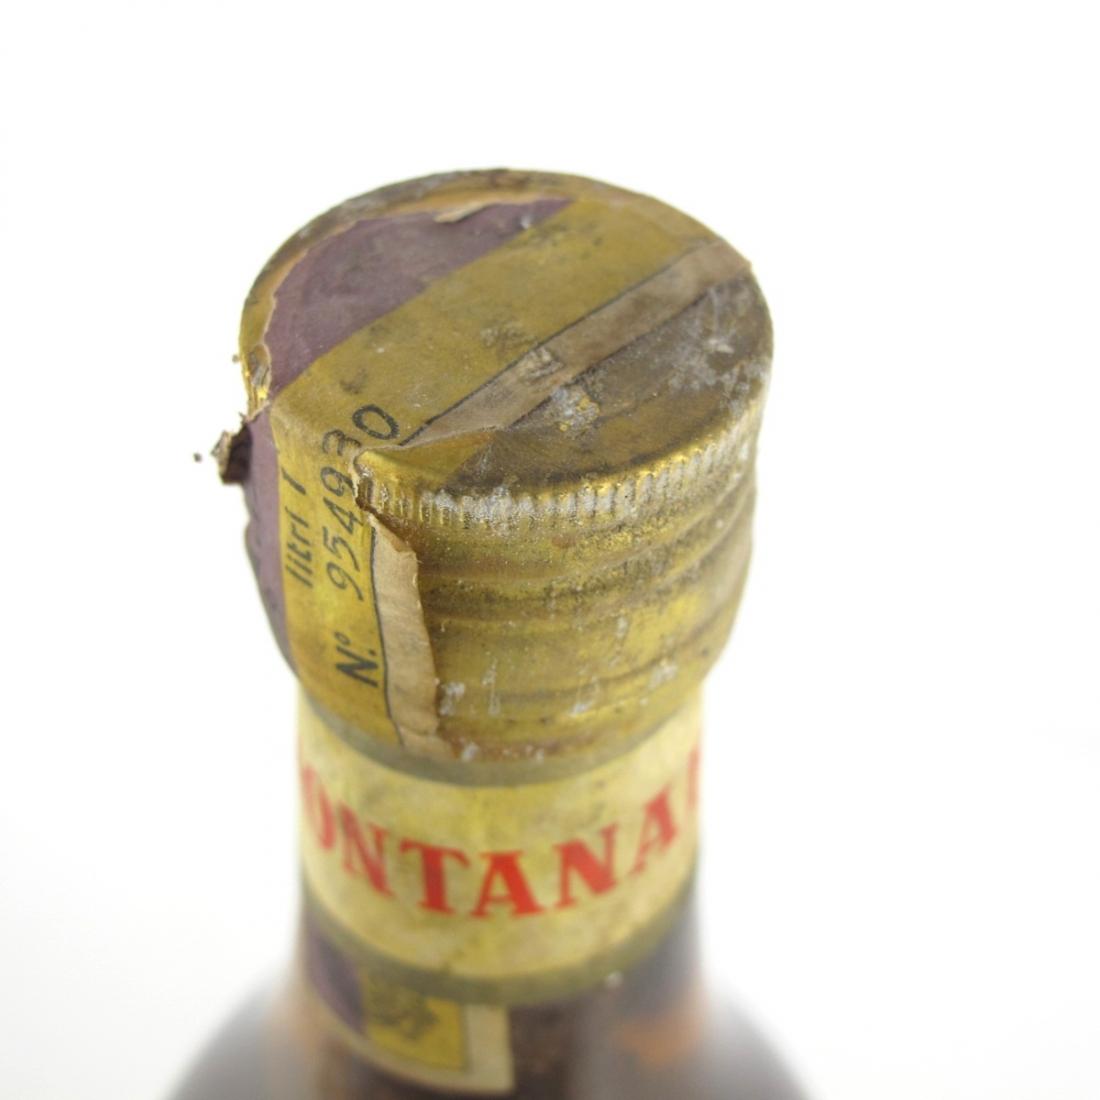 Fontanafredda Barolo Chinato 1 Litre